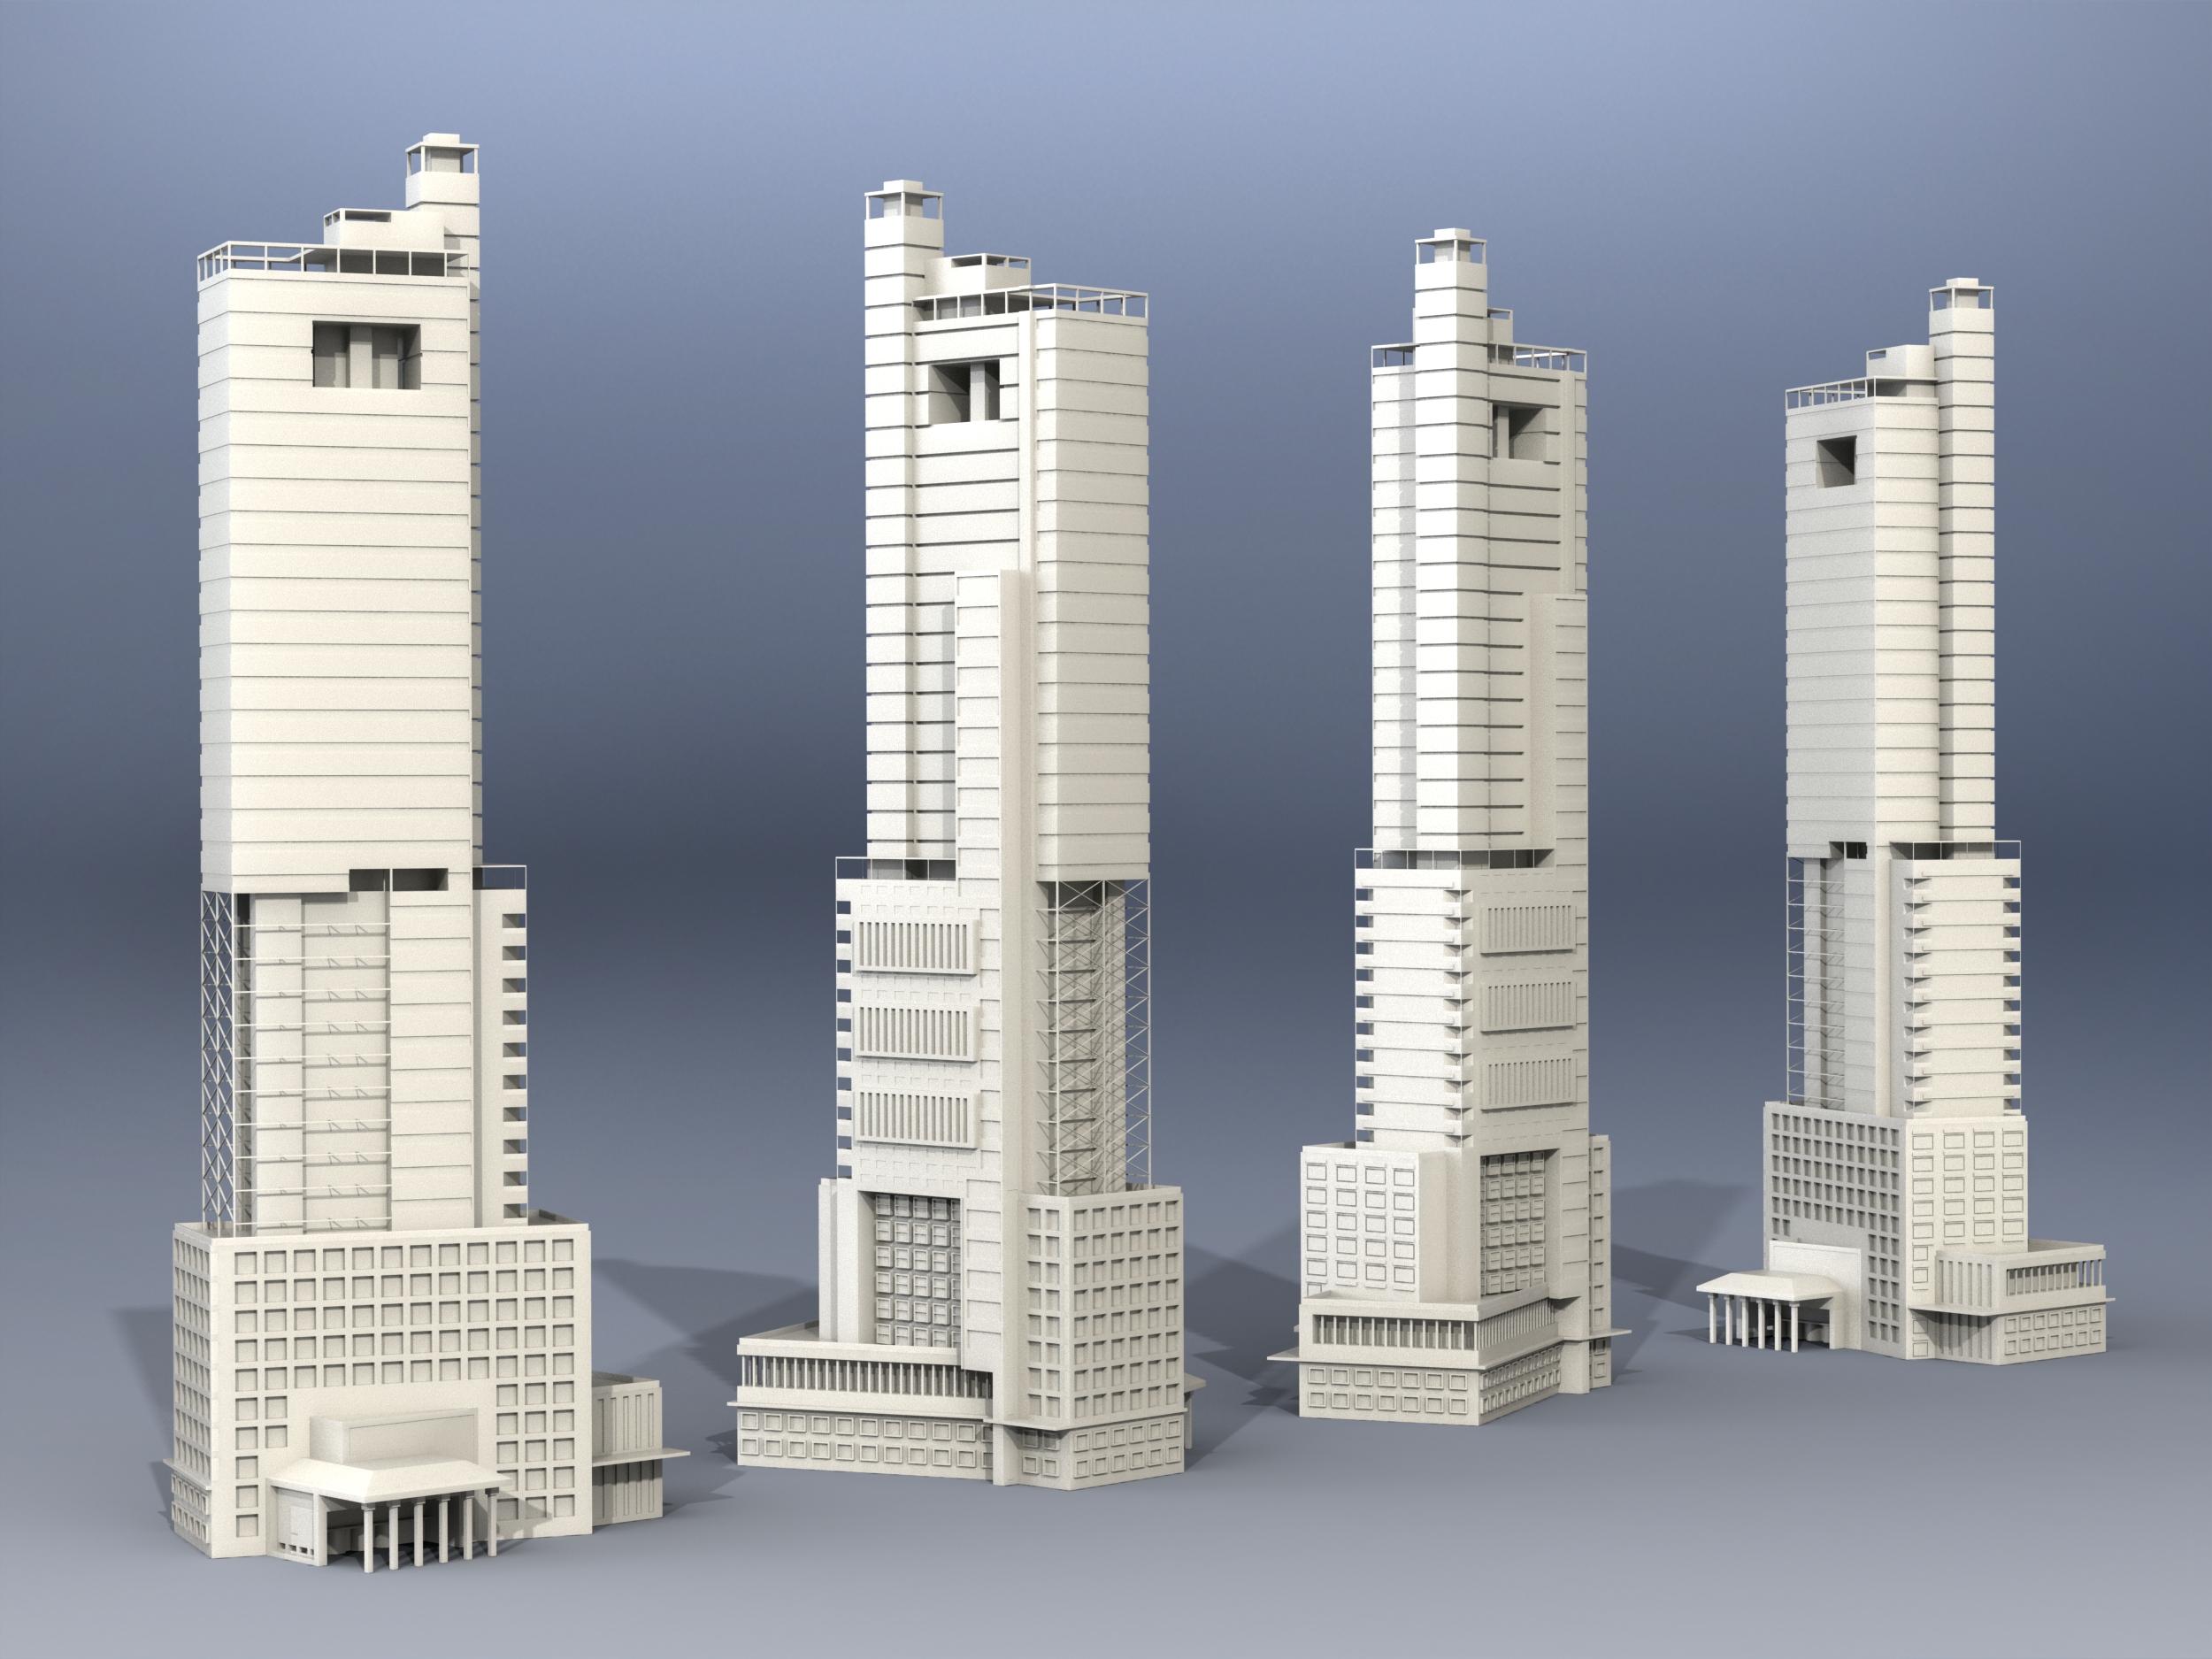 bishopslane摩天大楼模型3D图纸 Solidworks设计